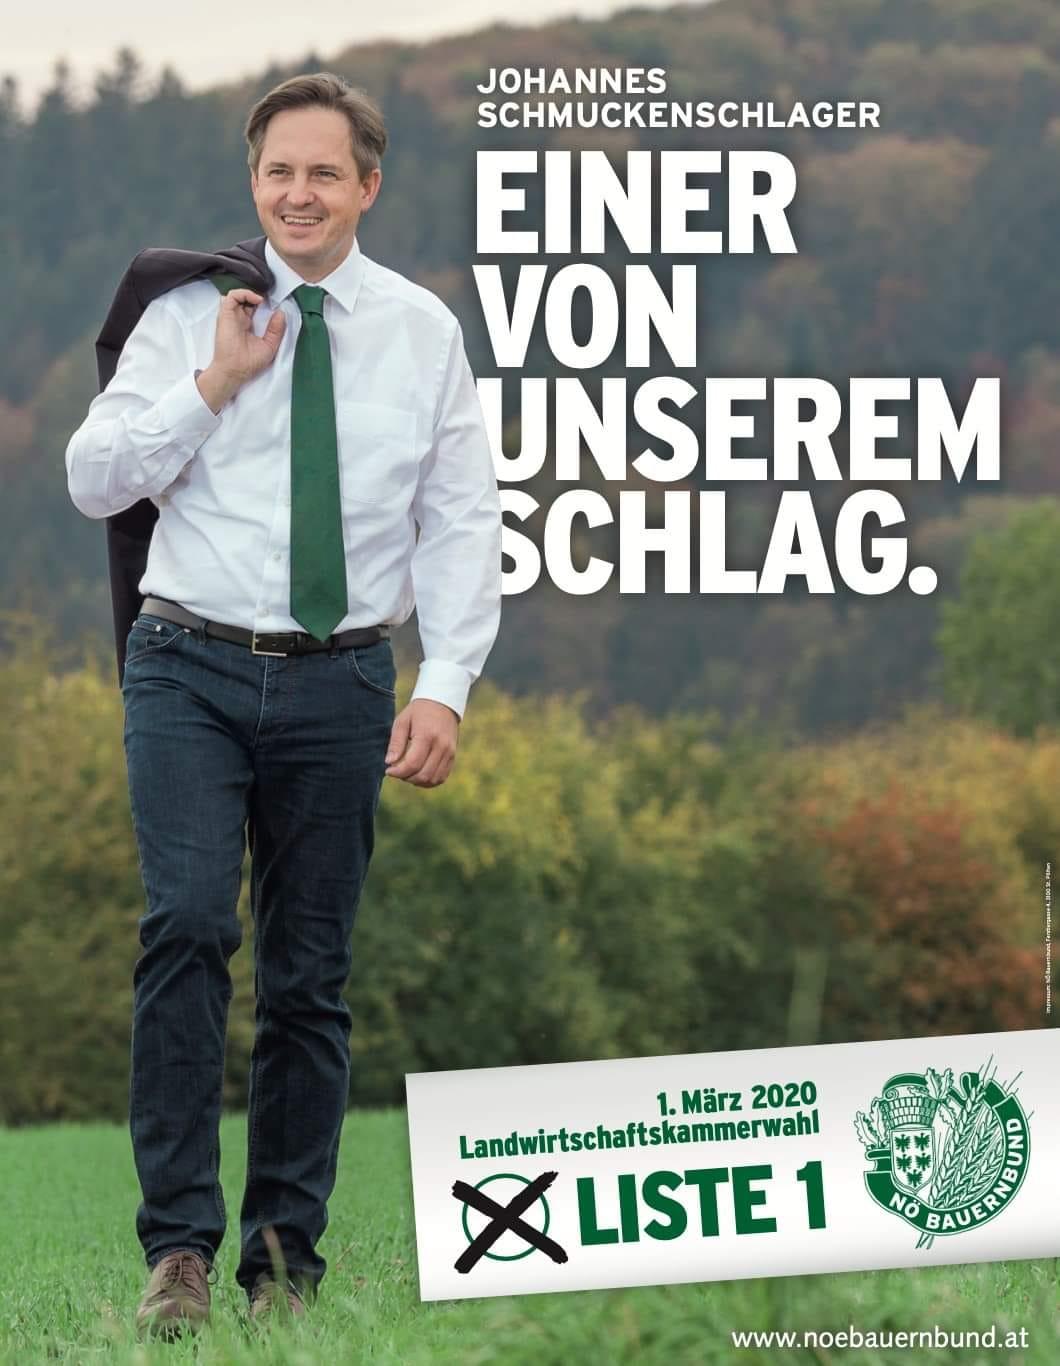 Sujet Schmuckenschlager Kammerwahl 2020